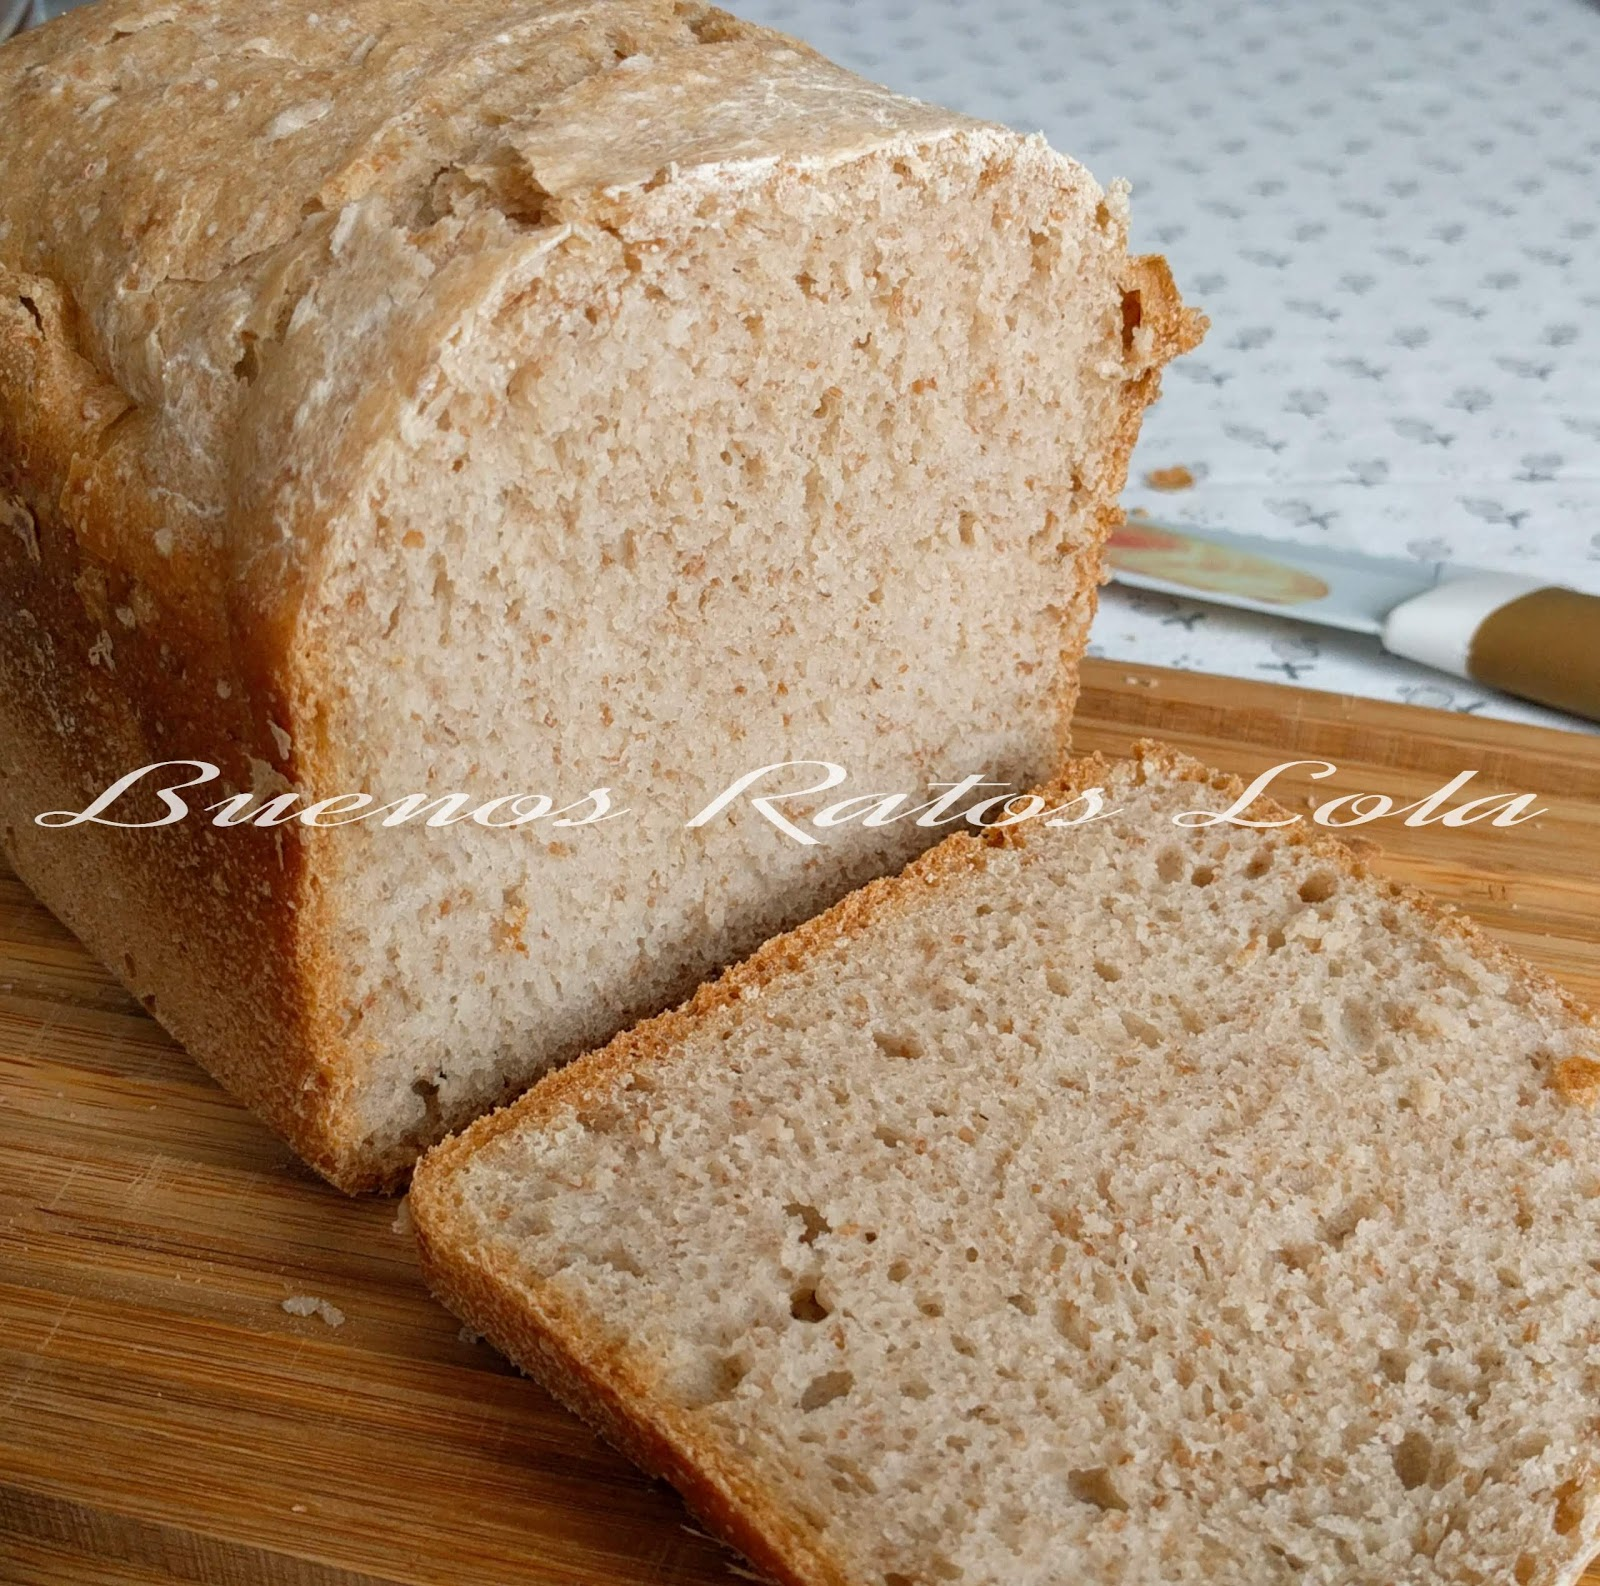 Pan harina trigo integral panificadora